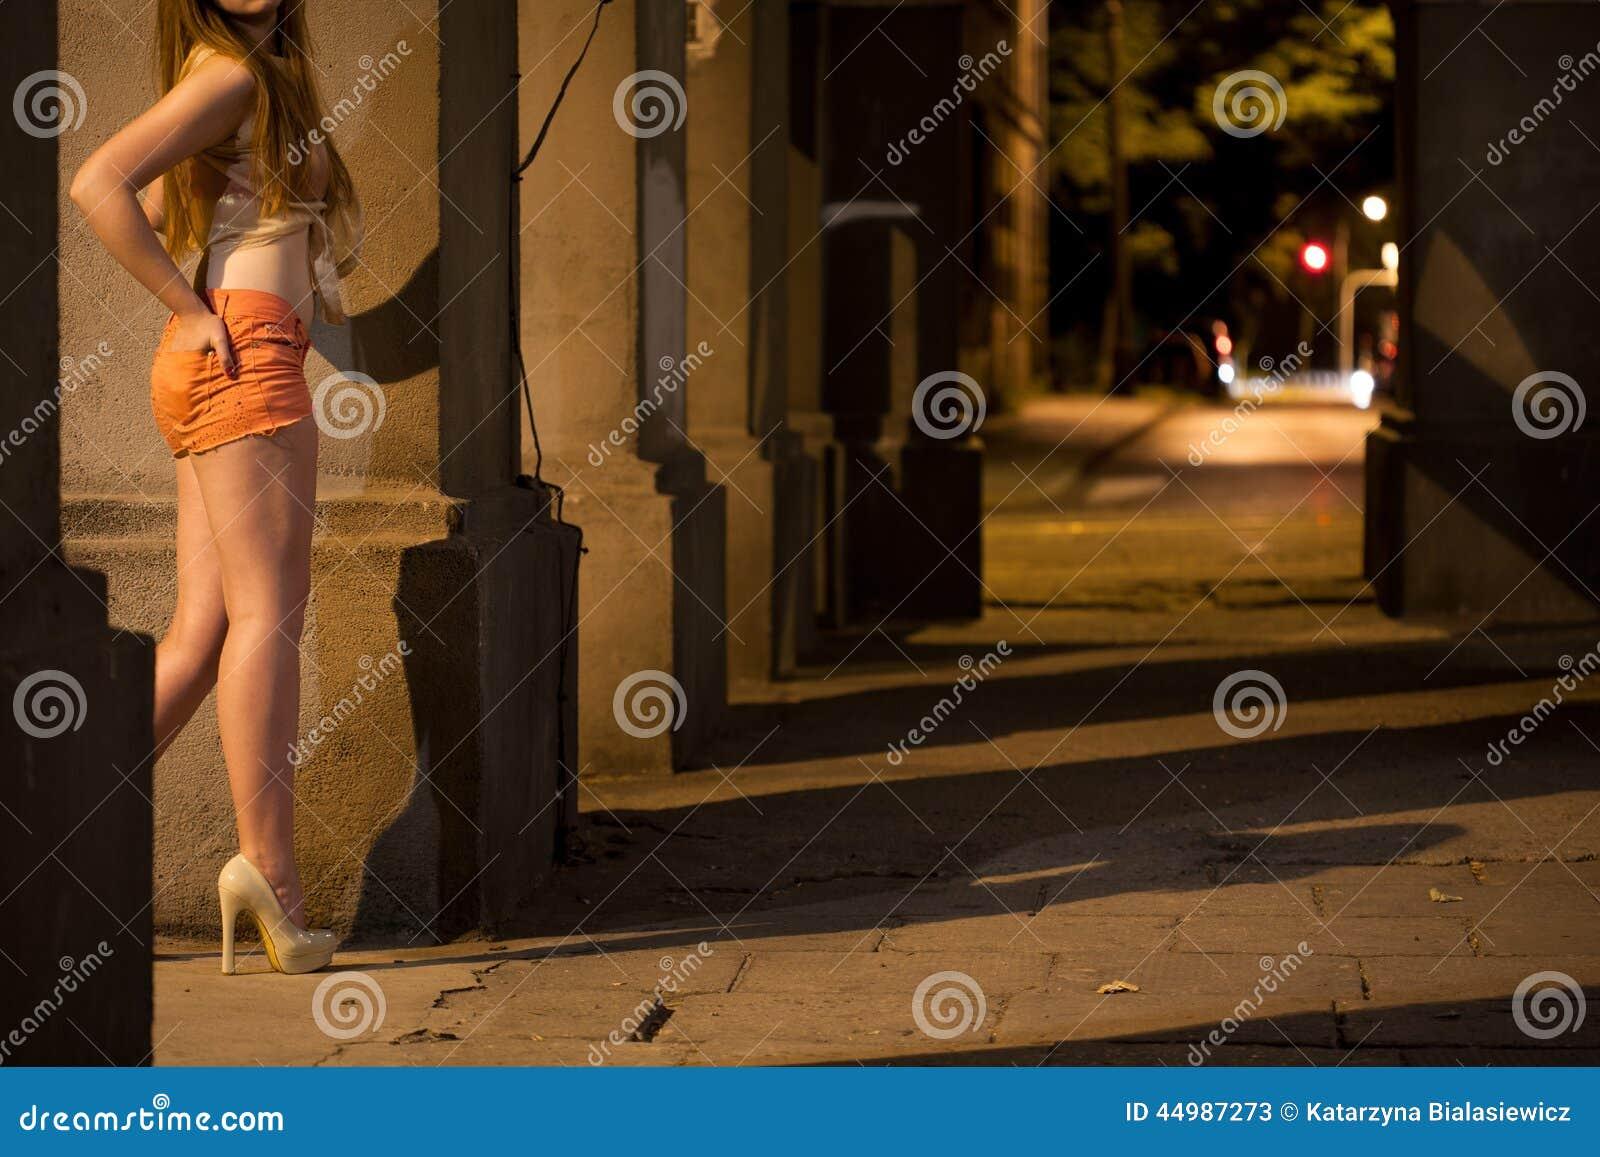 prostitutas la carlota prostitutas en la calle fotos